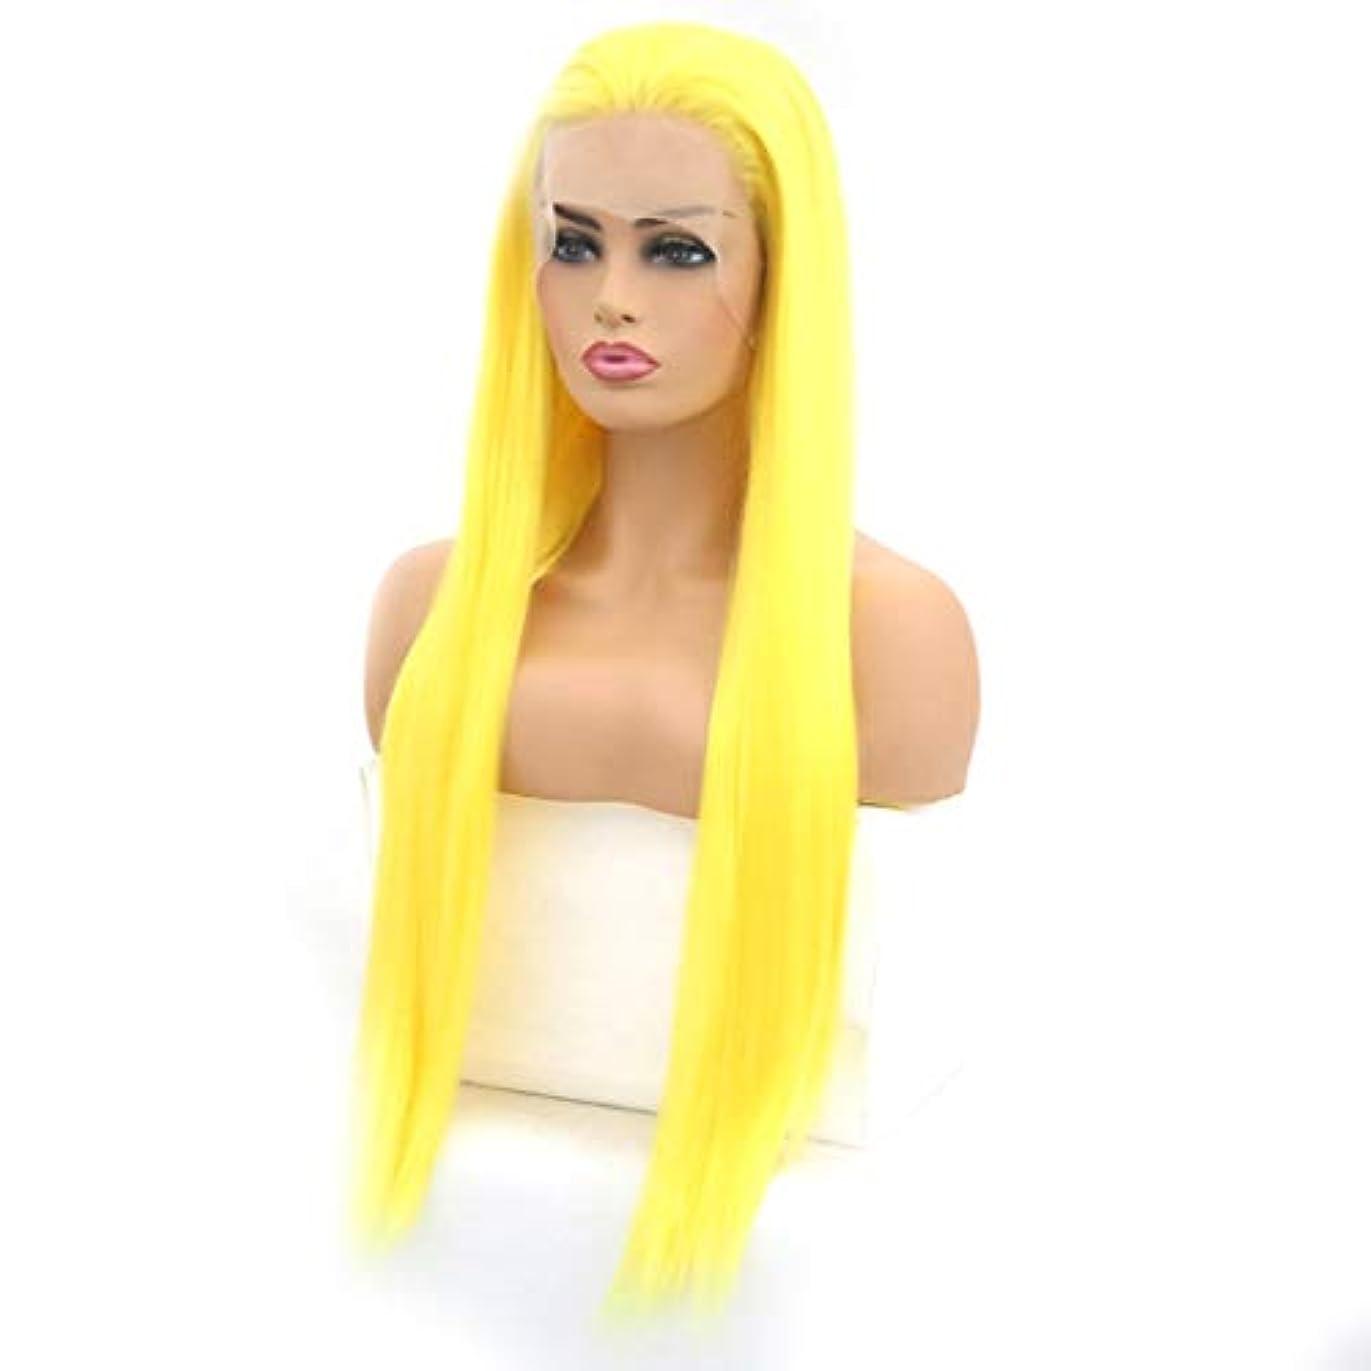 休戦予測する可愛いKerwinner 女性のためのレースフロントかつらサイド部分ロングナチュラルストレート耐熱人工毛ウィッグ (Size : 18inch)